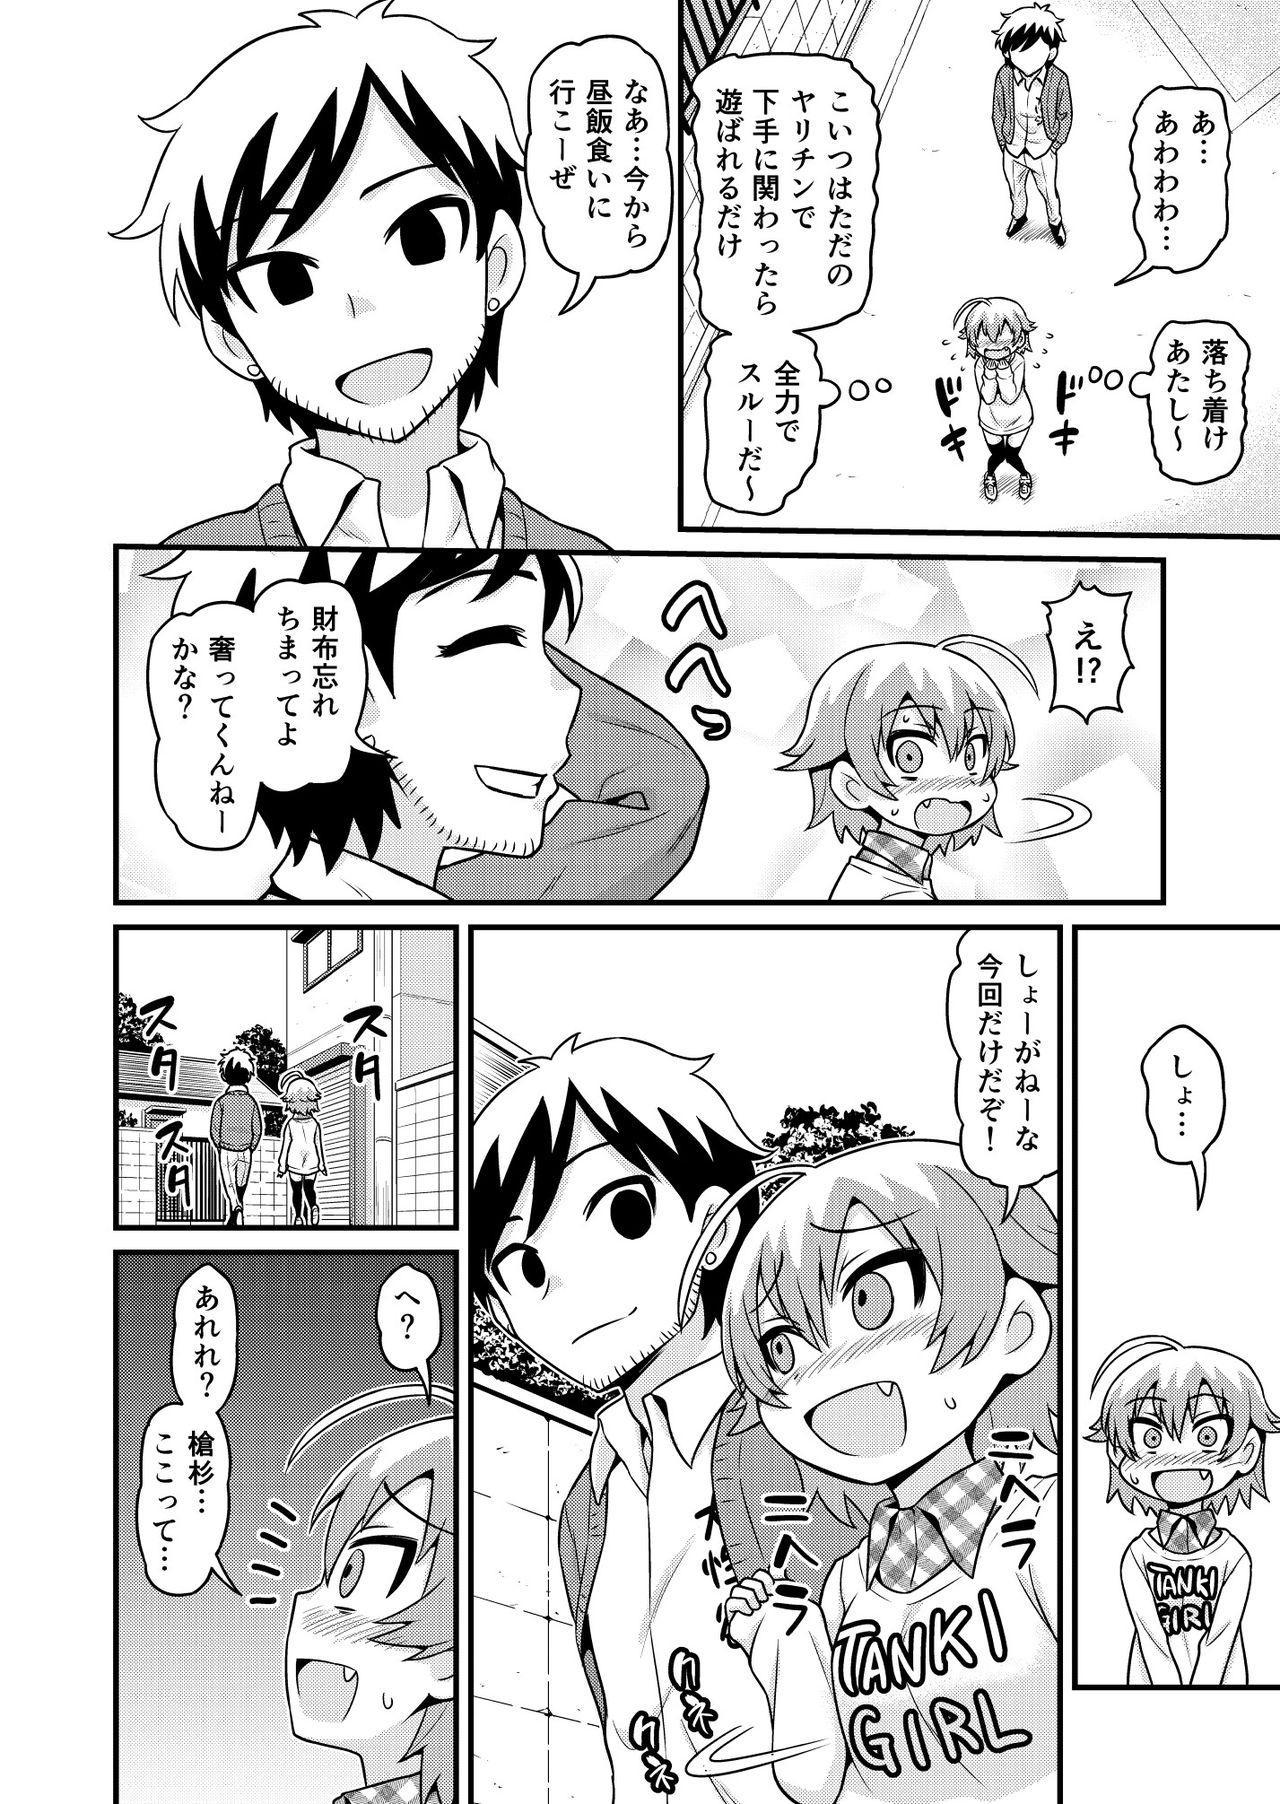 Muryou Esthe to Shoushita Otoko-tachi ni Sadayo ga Namahame Sareru Manga 2